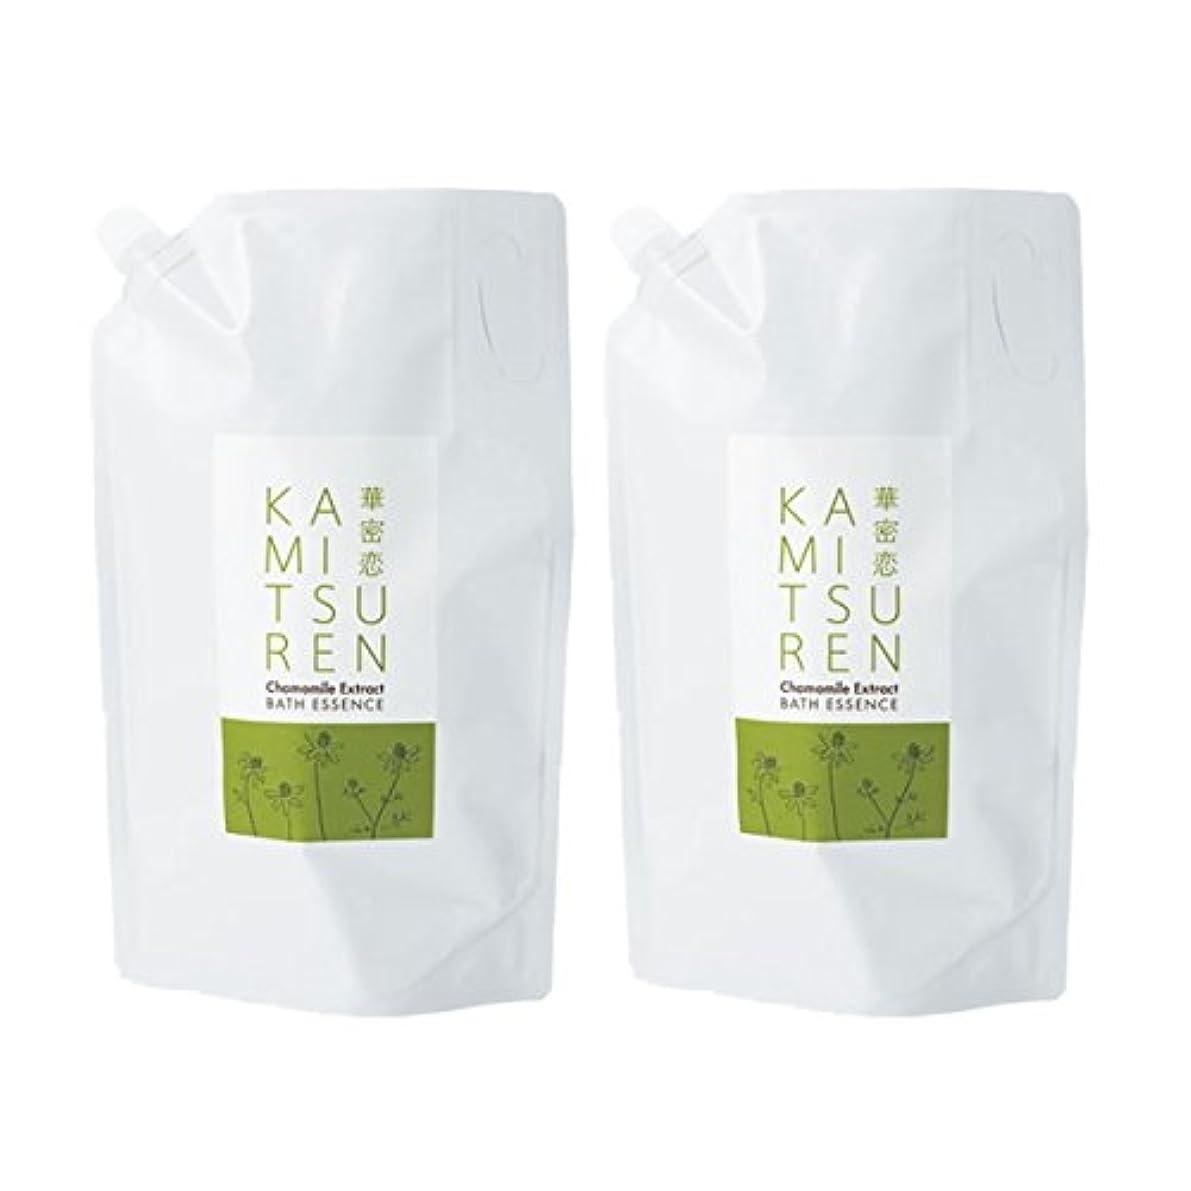 甘くするごちそう最も早い華密恋 薬用入浴剤 特大 詰替え用 (新パッケージ) 1500mL(1.5L)×2袋セット